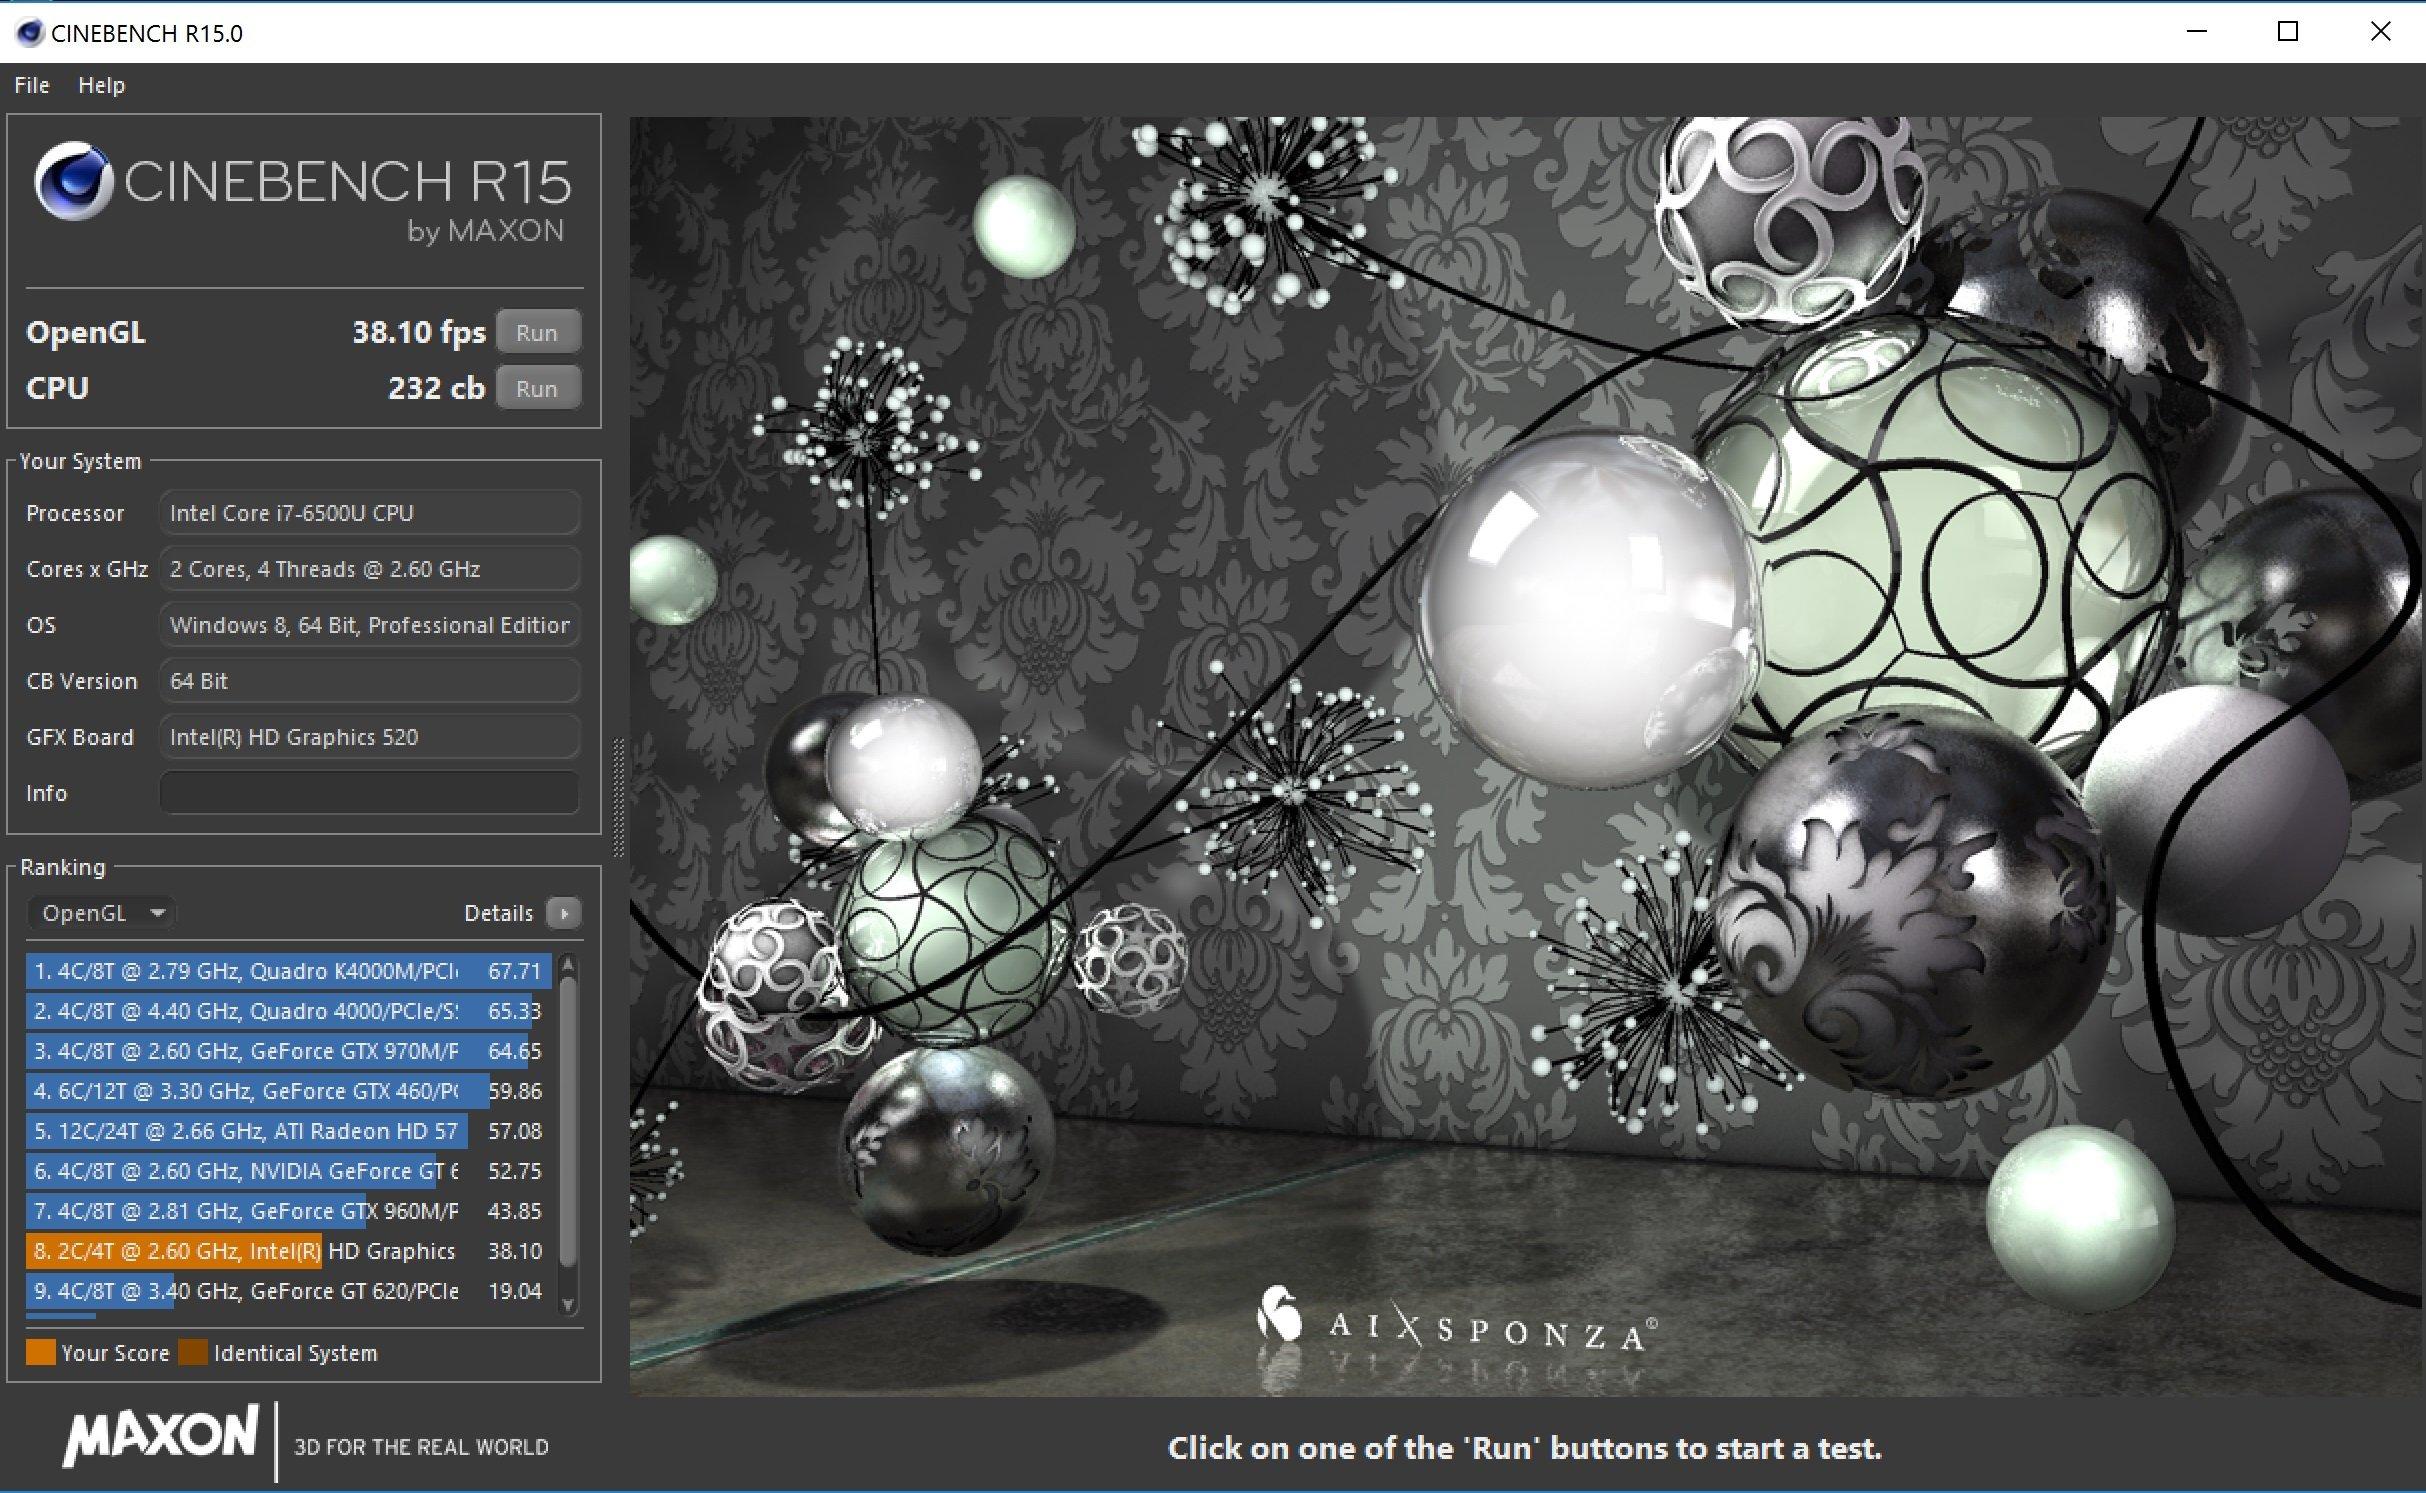 Digiato Review Asus Transformer 3 Pro Cinebench 15